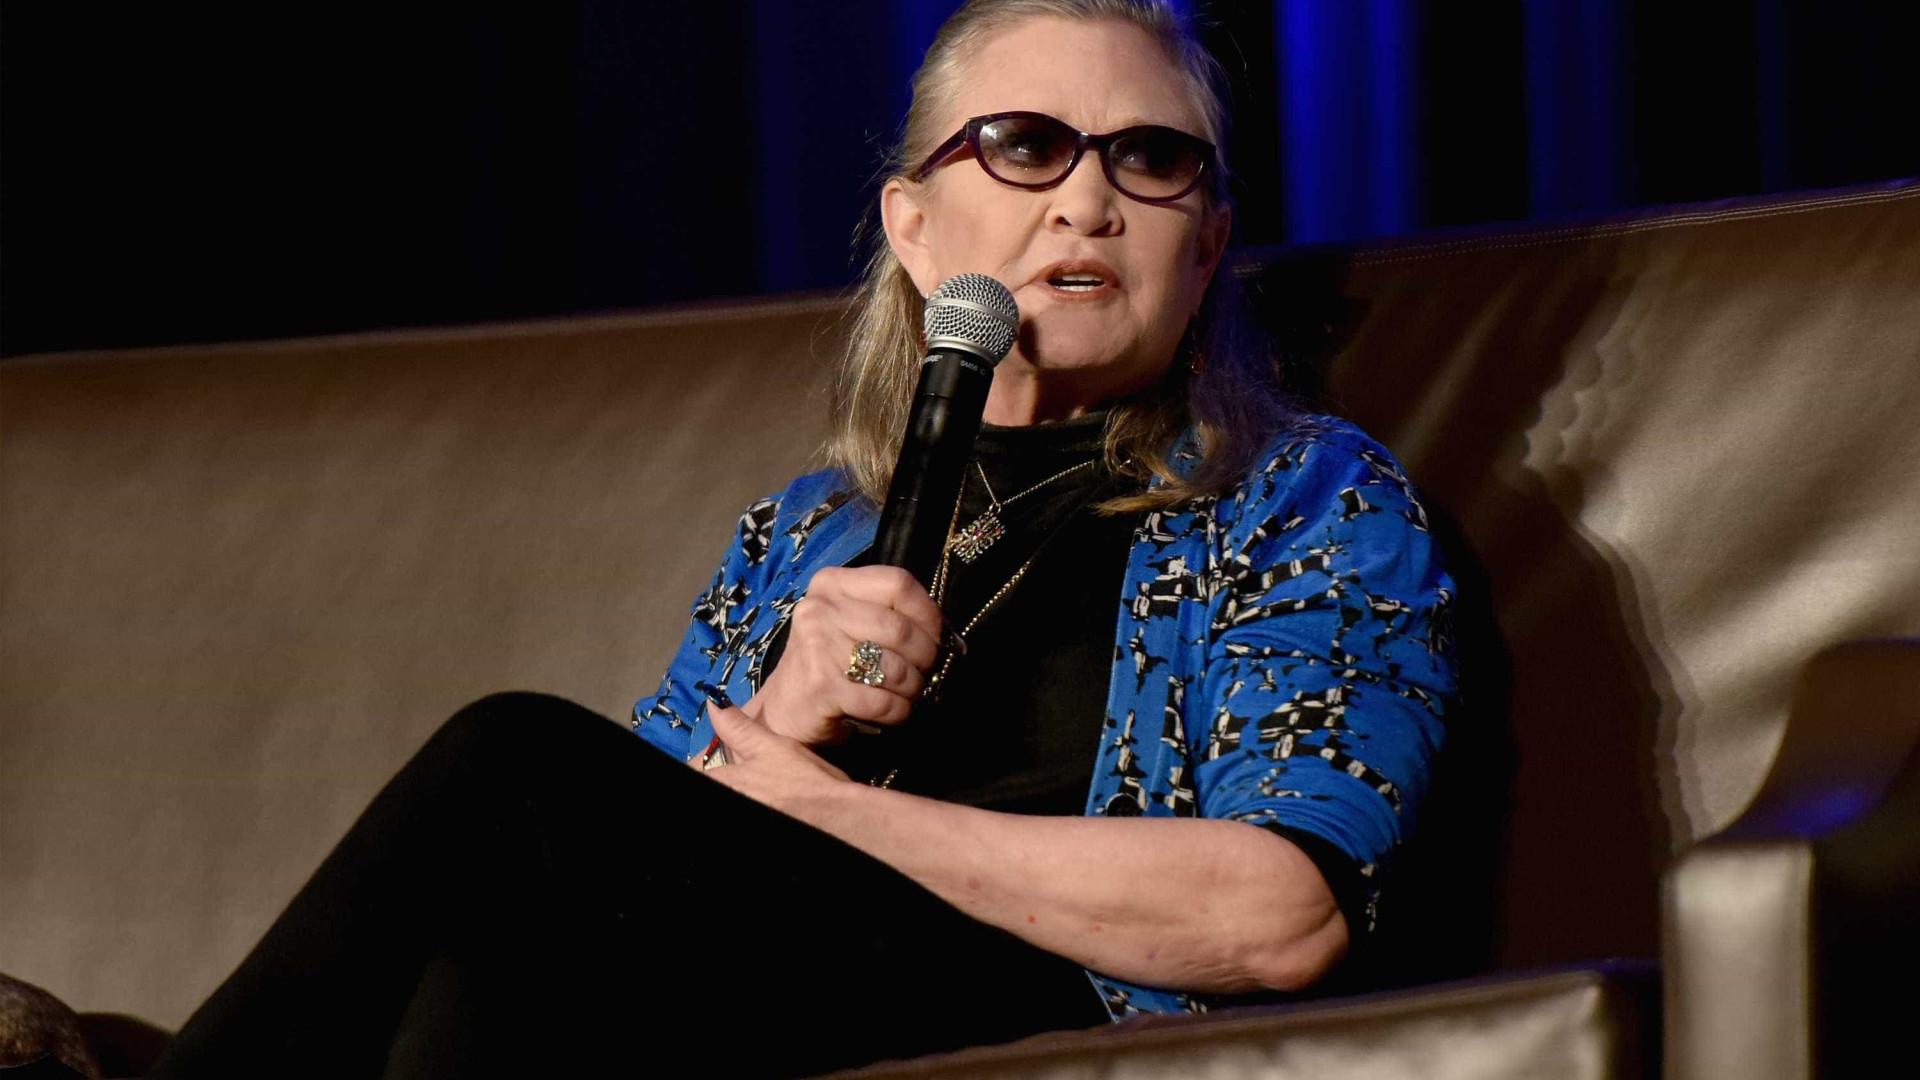 Carrie Fisher revela mais pormenores de caso com Harrison Ford